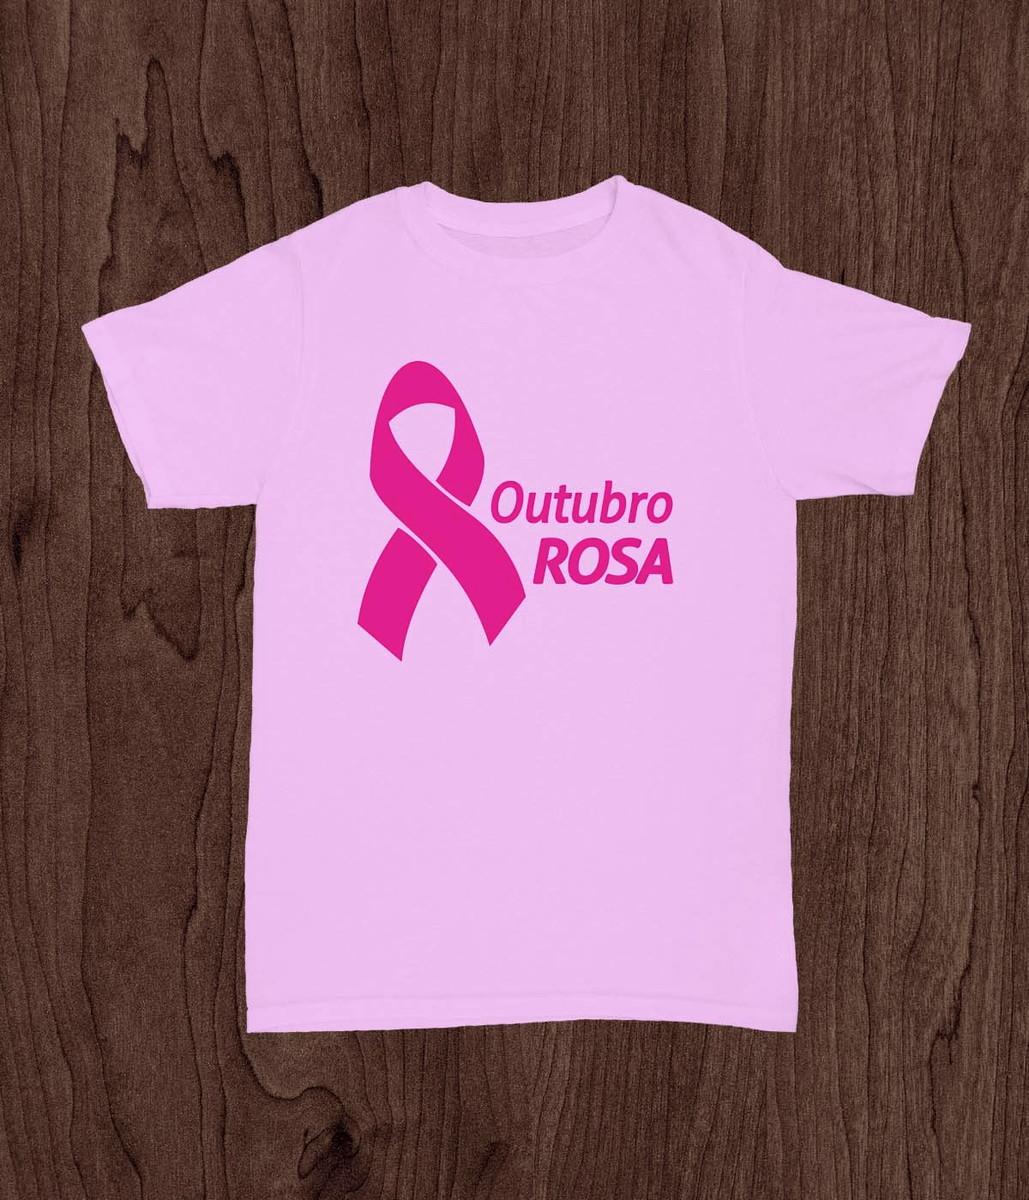 Camiseta Outubro Rosa 02 No Elo7 Mar Arte Design 10890e9